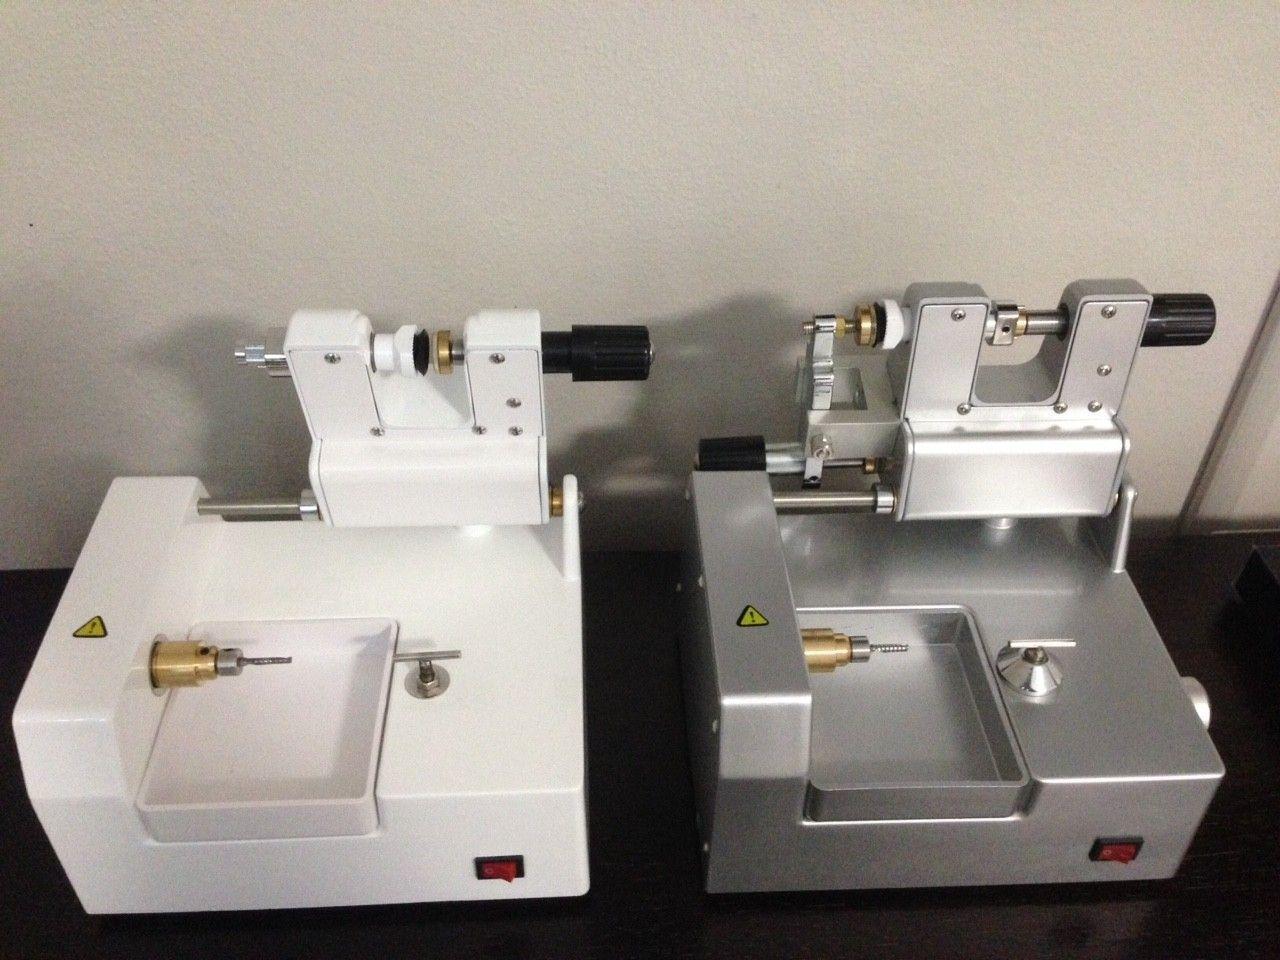 OPTICAL LENS PATTERN MAKER & LENS CUTTER MILLING MACHINE - IMG_6338.JPG